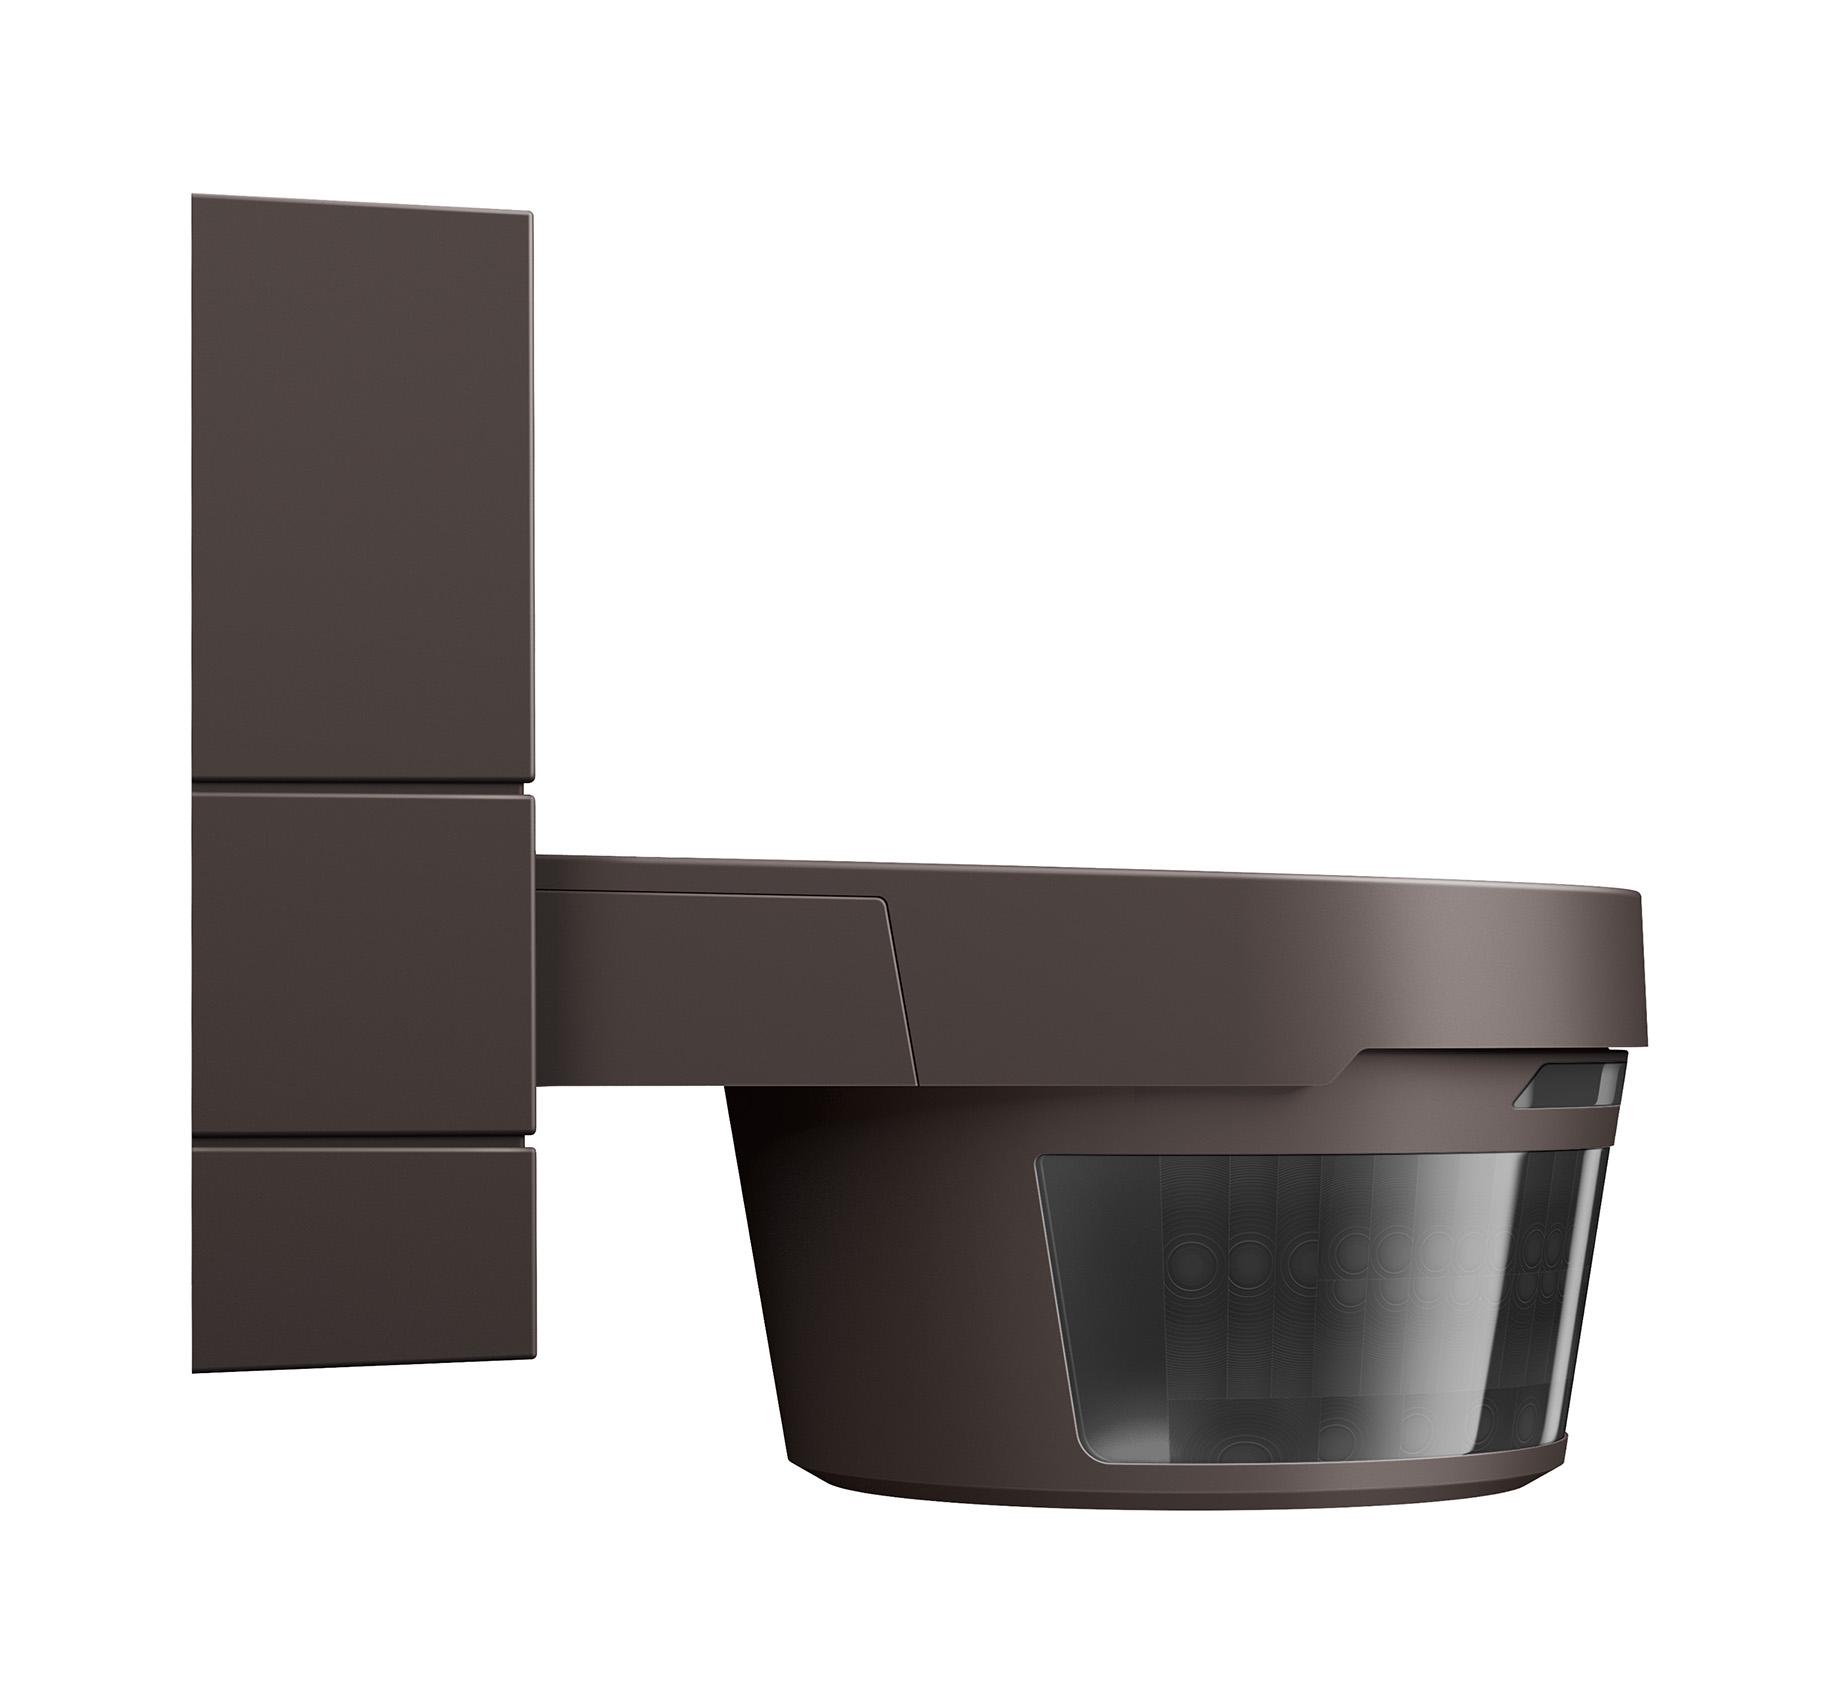 busch w chter 90 professionalline und busch w chter 220 professionalline voltimum deutschland. Black Bedroom Furniture Sets. Home Design Ideas